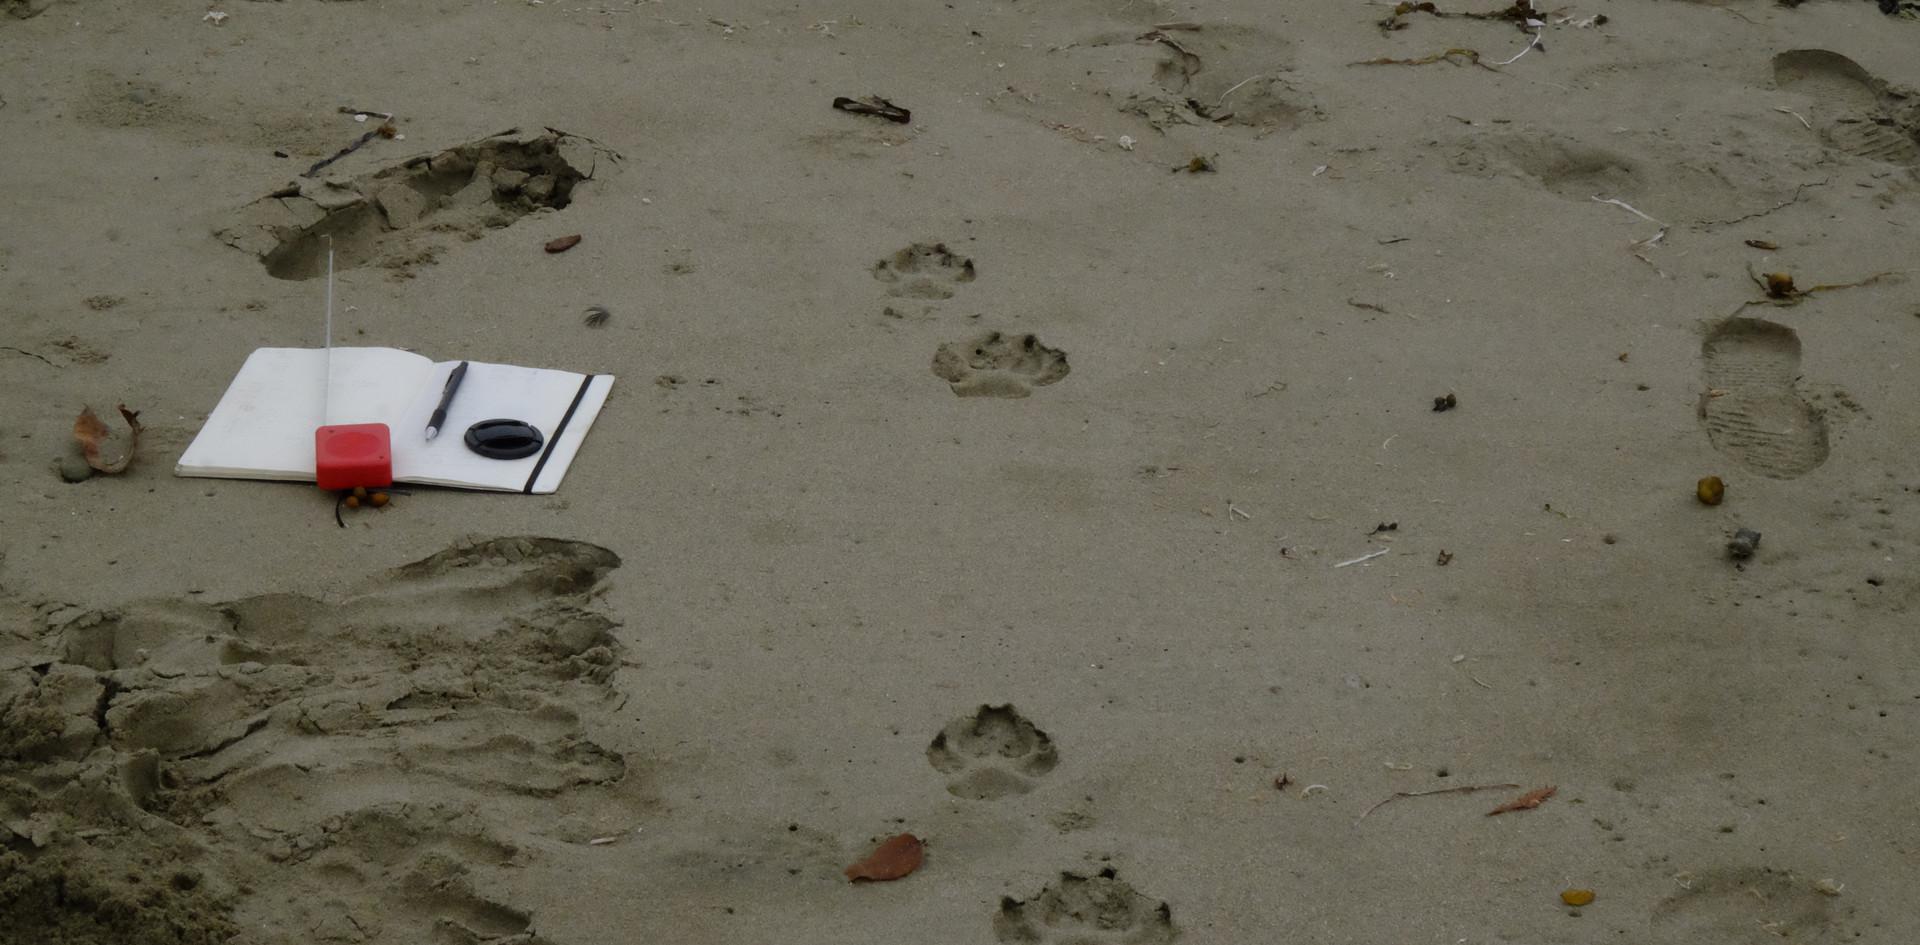 Journaling einer Wolfsfährte an einem Surferstrand in Vancouver Island.